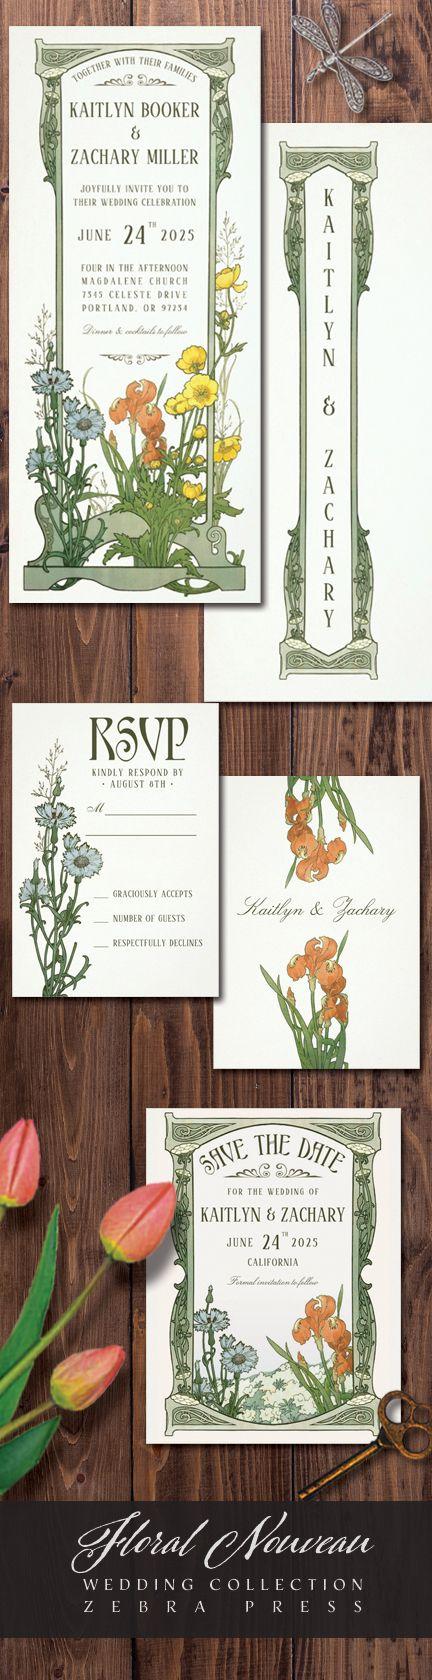 vintage country garden wedding invitations%0A Floral Nouveau Vintage Wedding Invitations  Zebra Press   vintage  floral   wedding